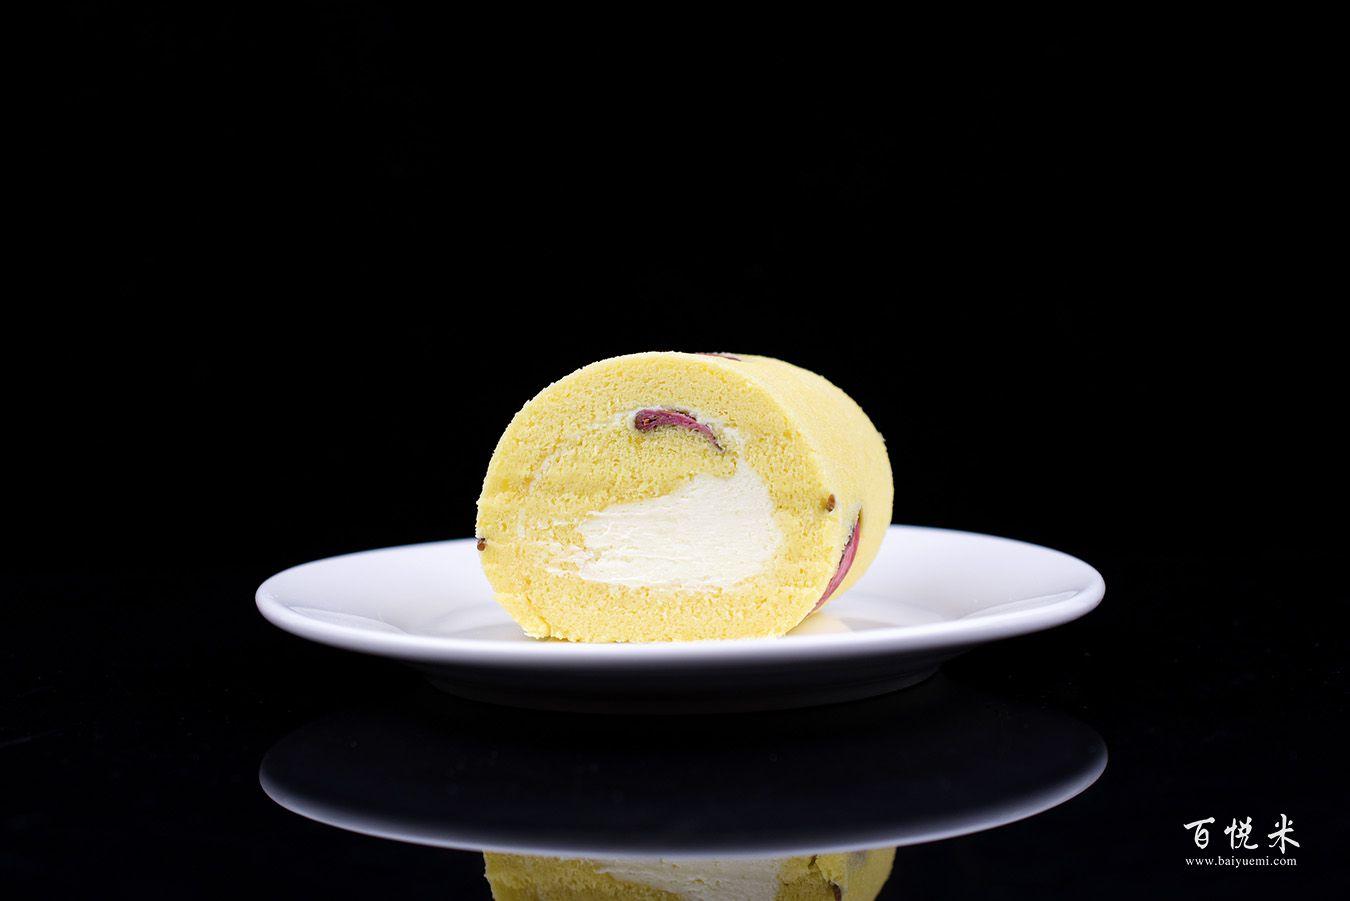 樱花蛋糕卷高清图片大全【蛋糕图片】